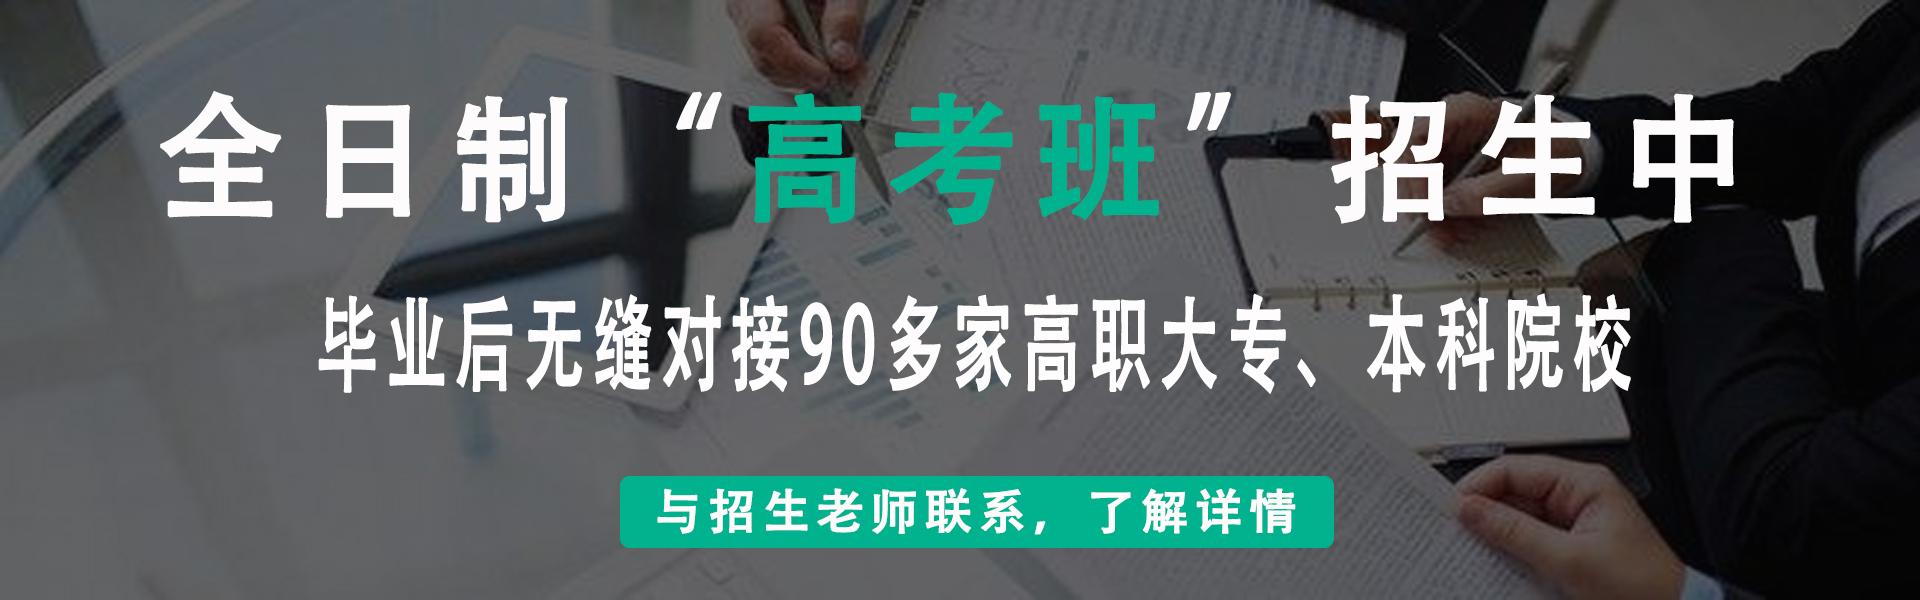 励瀚教育为你服务-惠州会计初级职称,惠州会计中级职称,惠州注册会计师,惠州管理会计师